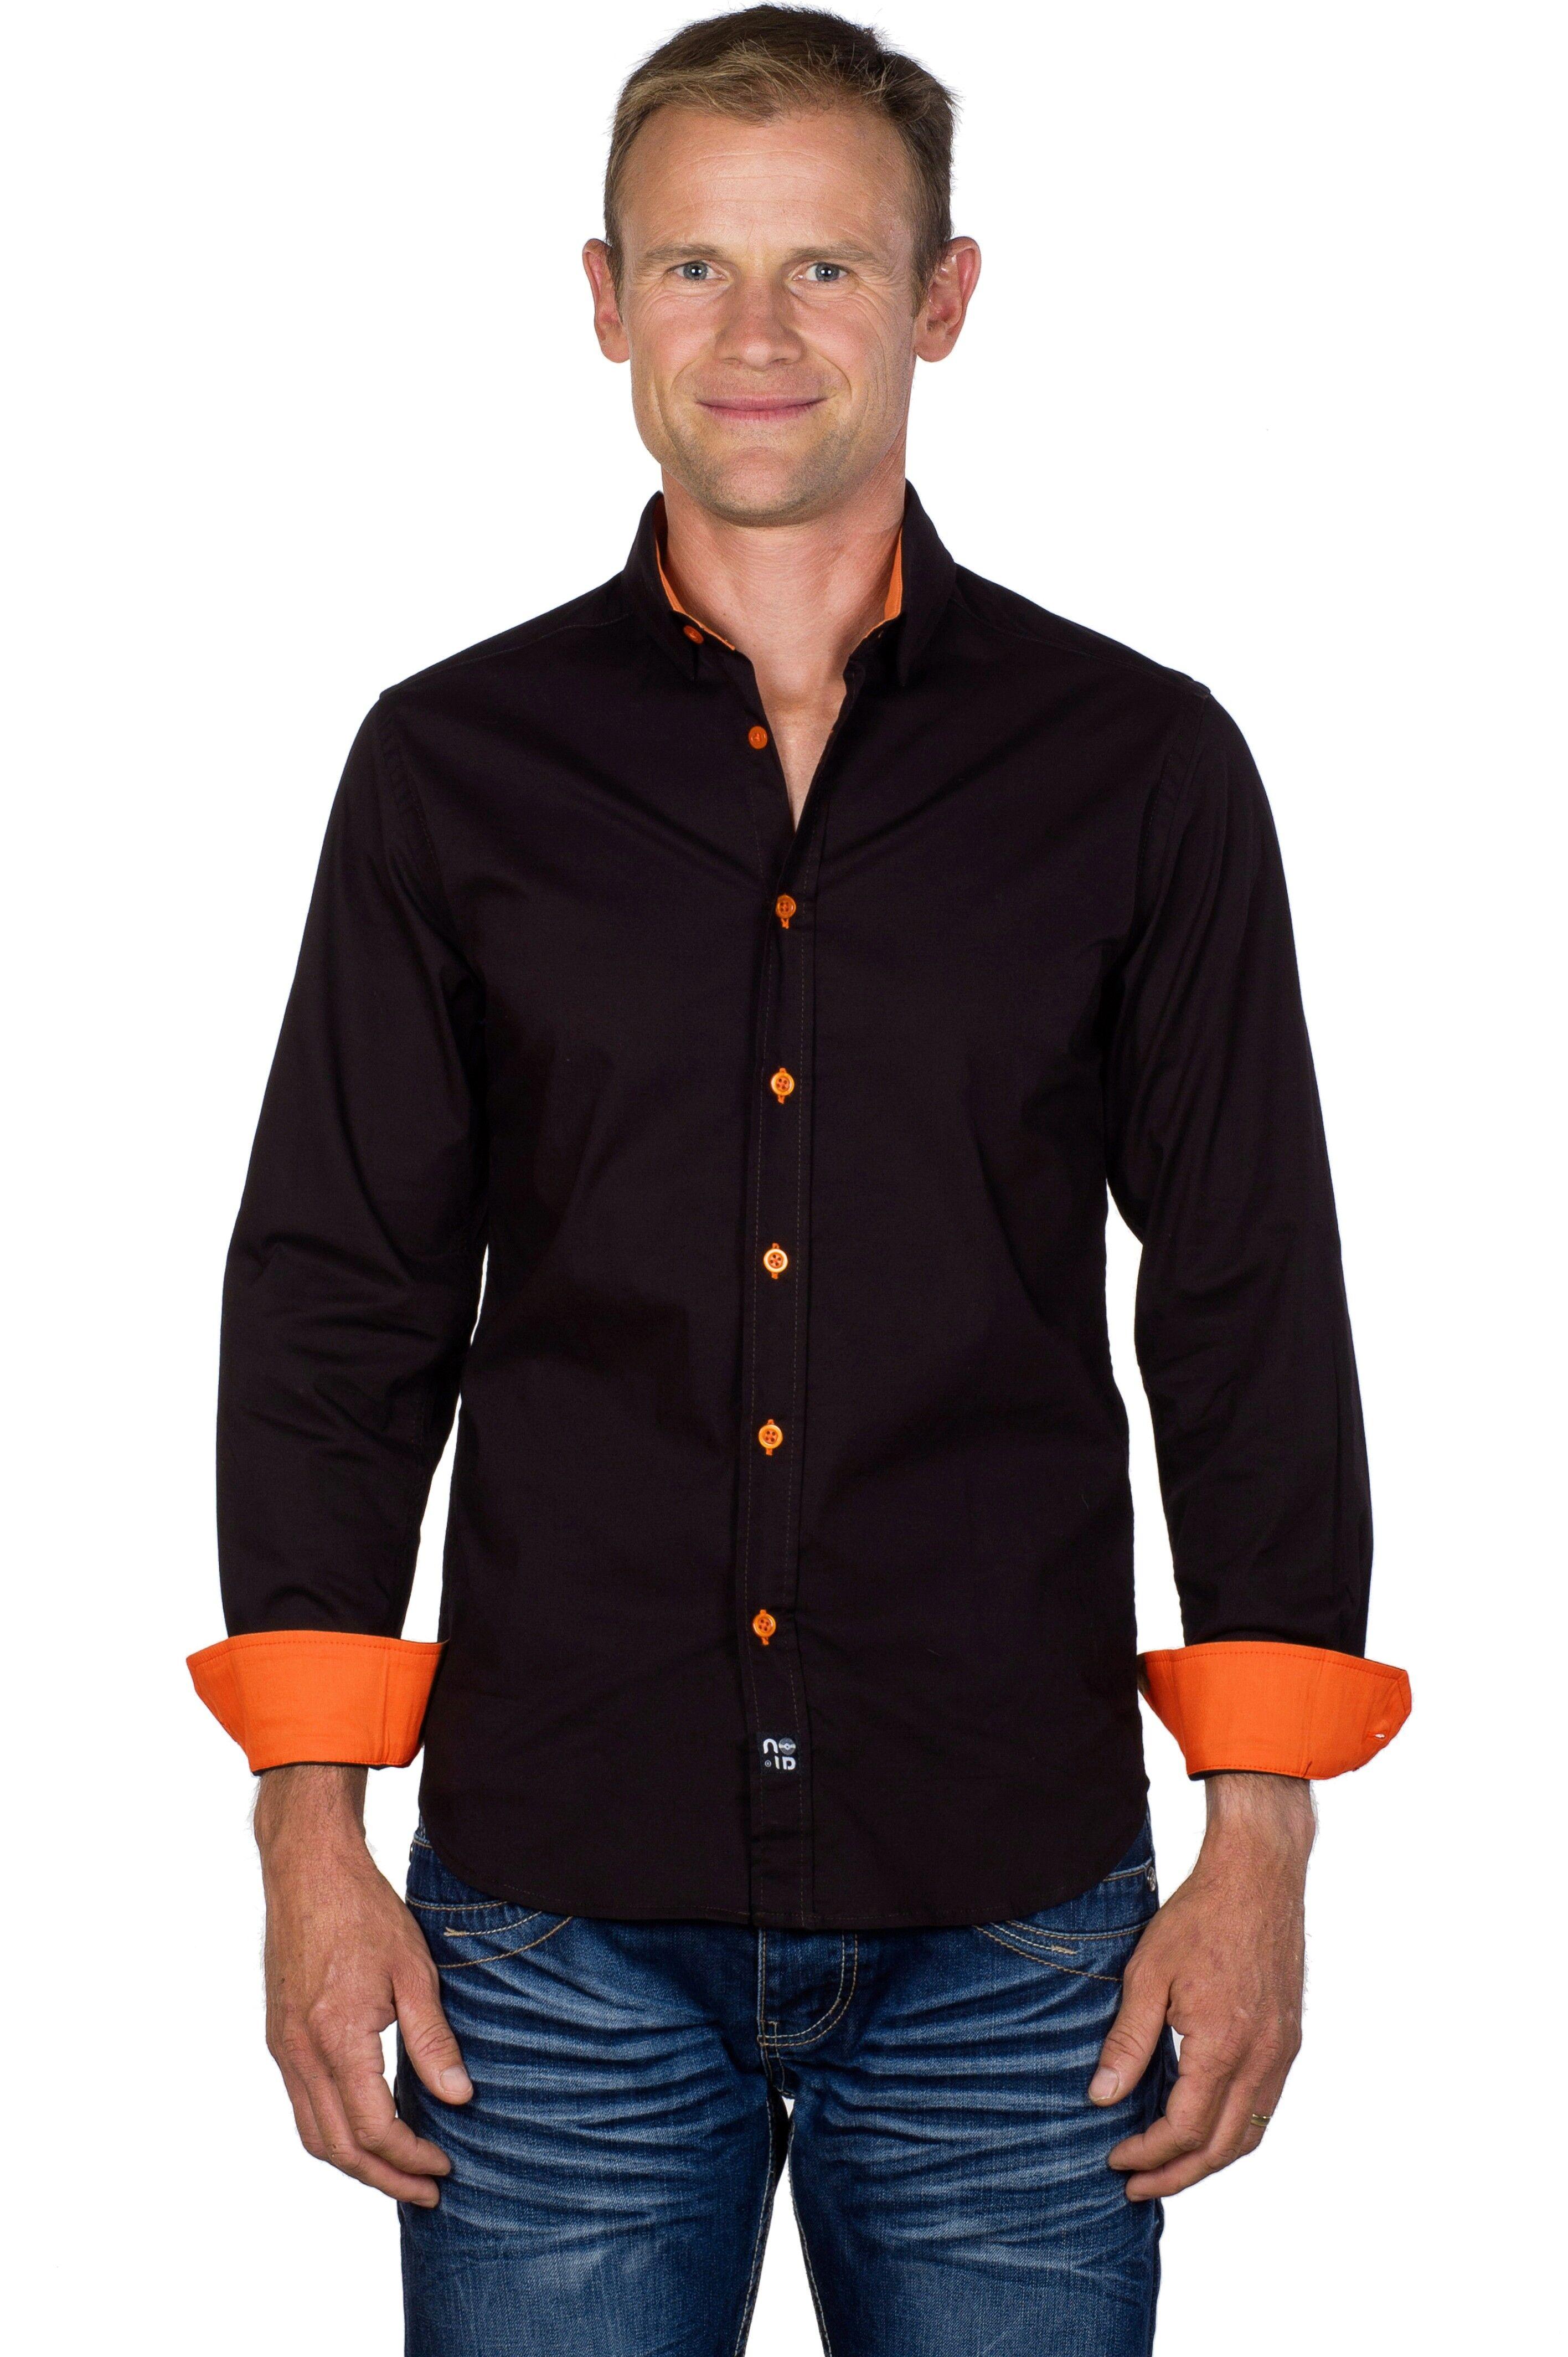 chemise homme coton stretch marron orange ugholin. Black Bedroom Furniture Sets. Home Design Ideas